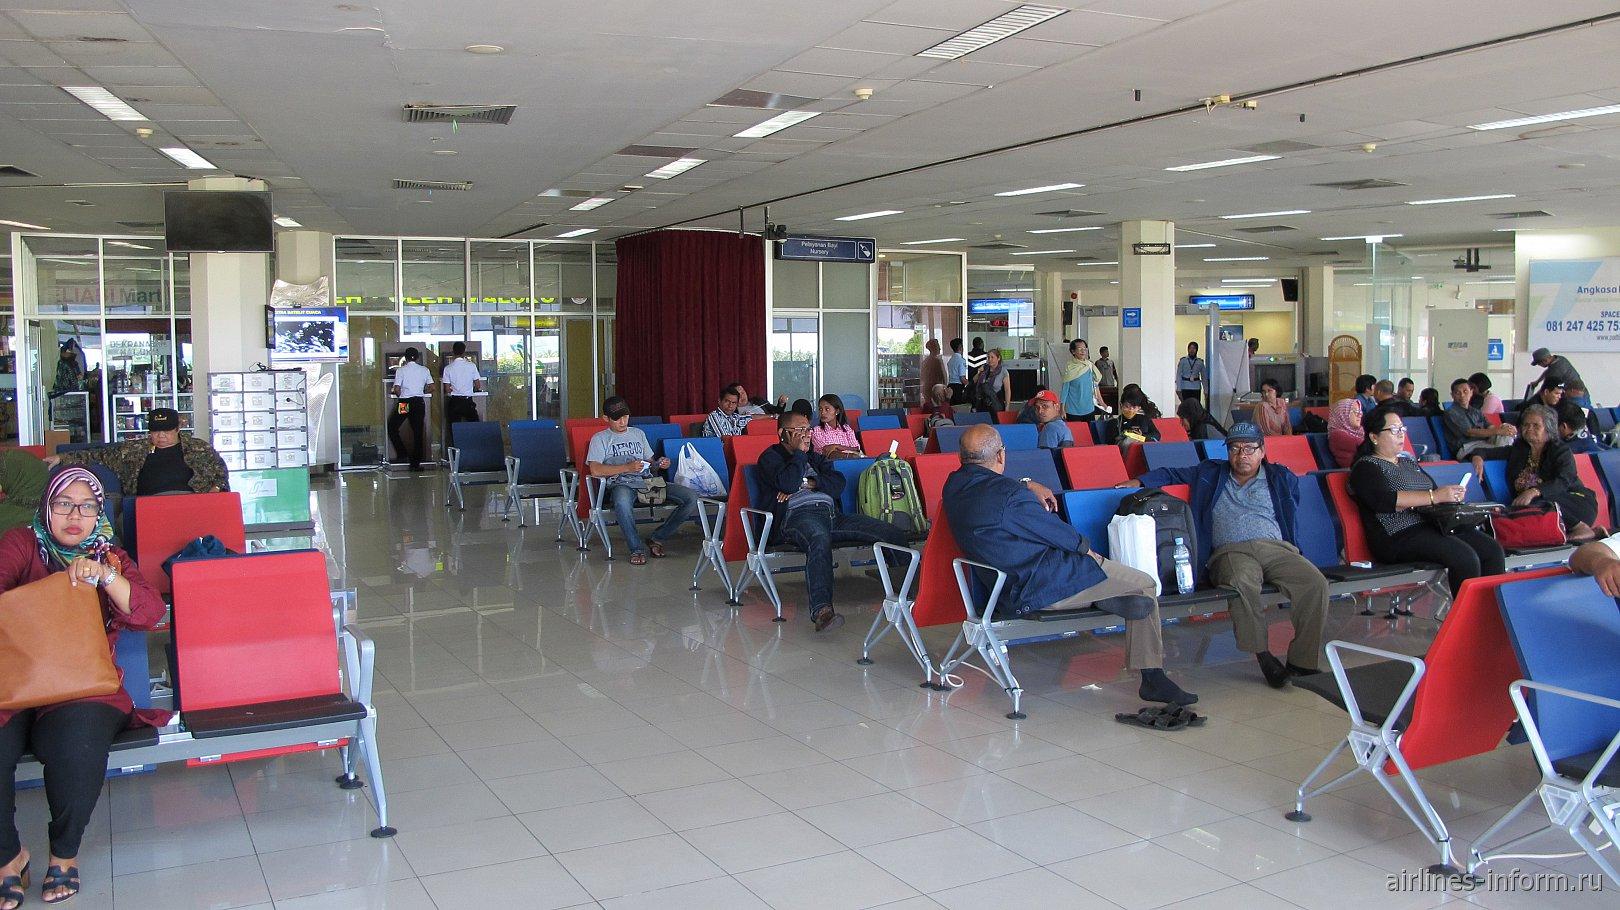 Зал ожидания на первом этаже стерильной зоны аэропорта Паттимура